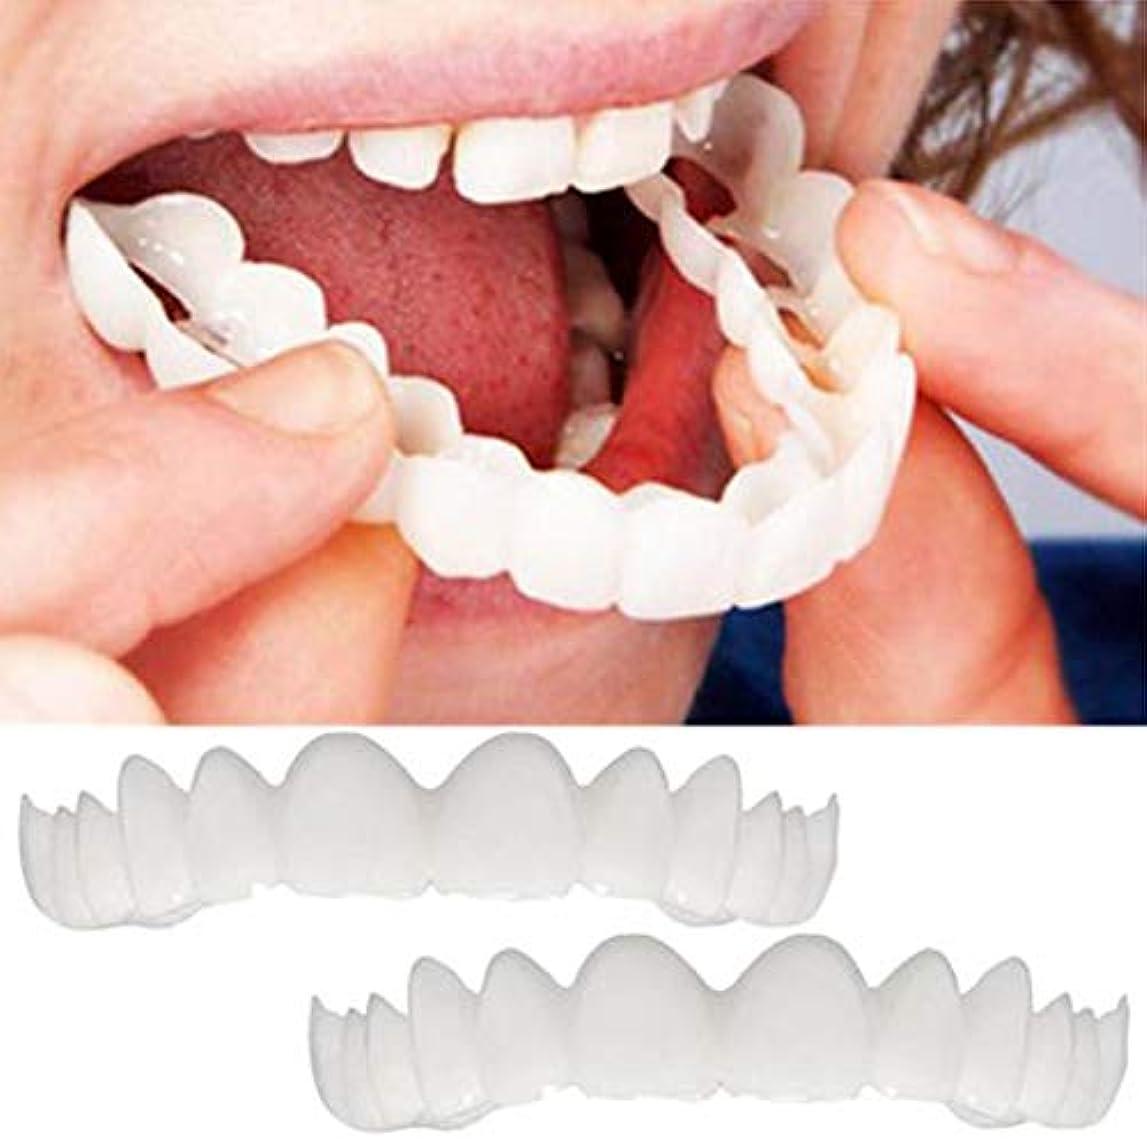 可決チャップ時化粧品の歯、白い歯をきれいにするための快適なフィットフレックス歯のソケット、超快適、快適なフィット感、2セット